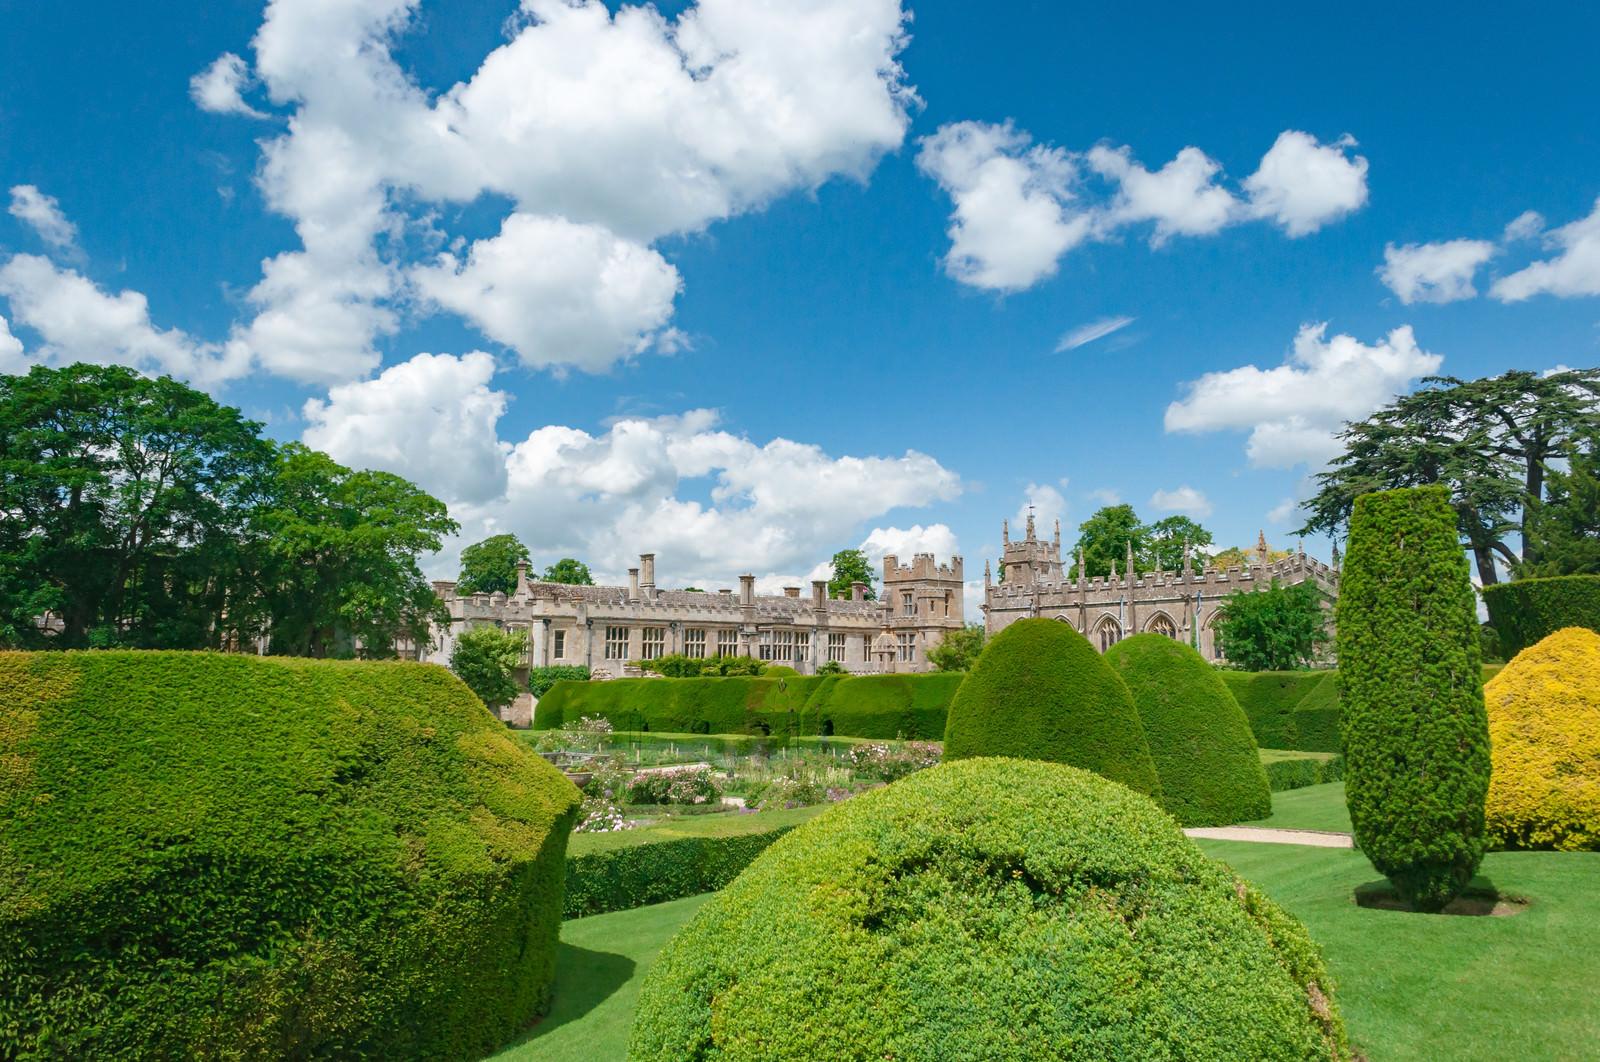 「スードリー城と歴史ある庭園」の写真